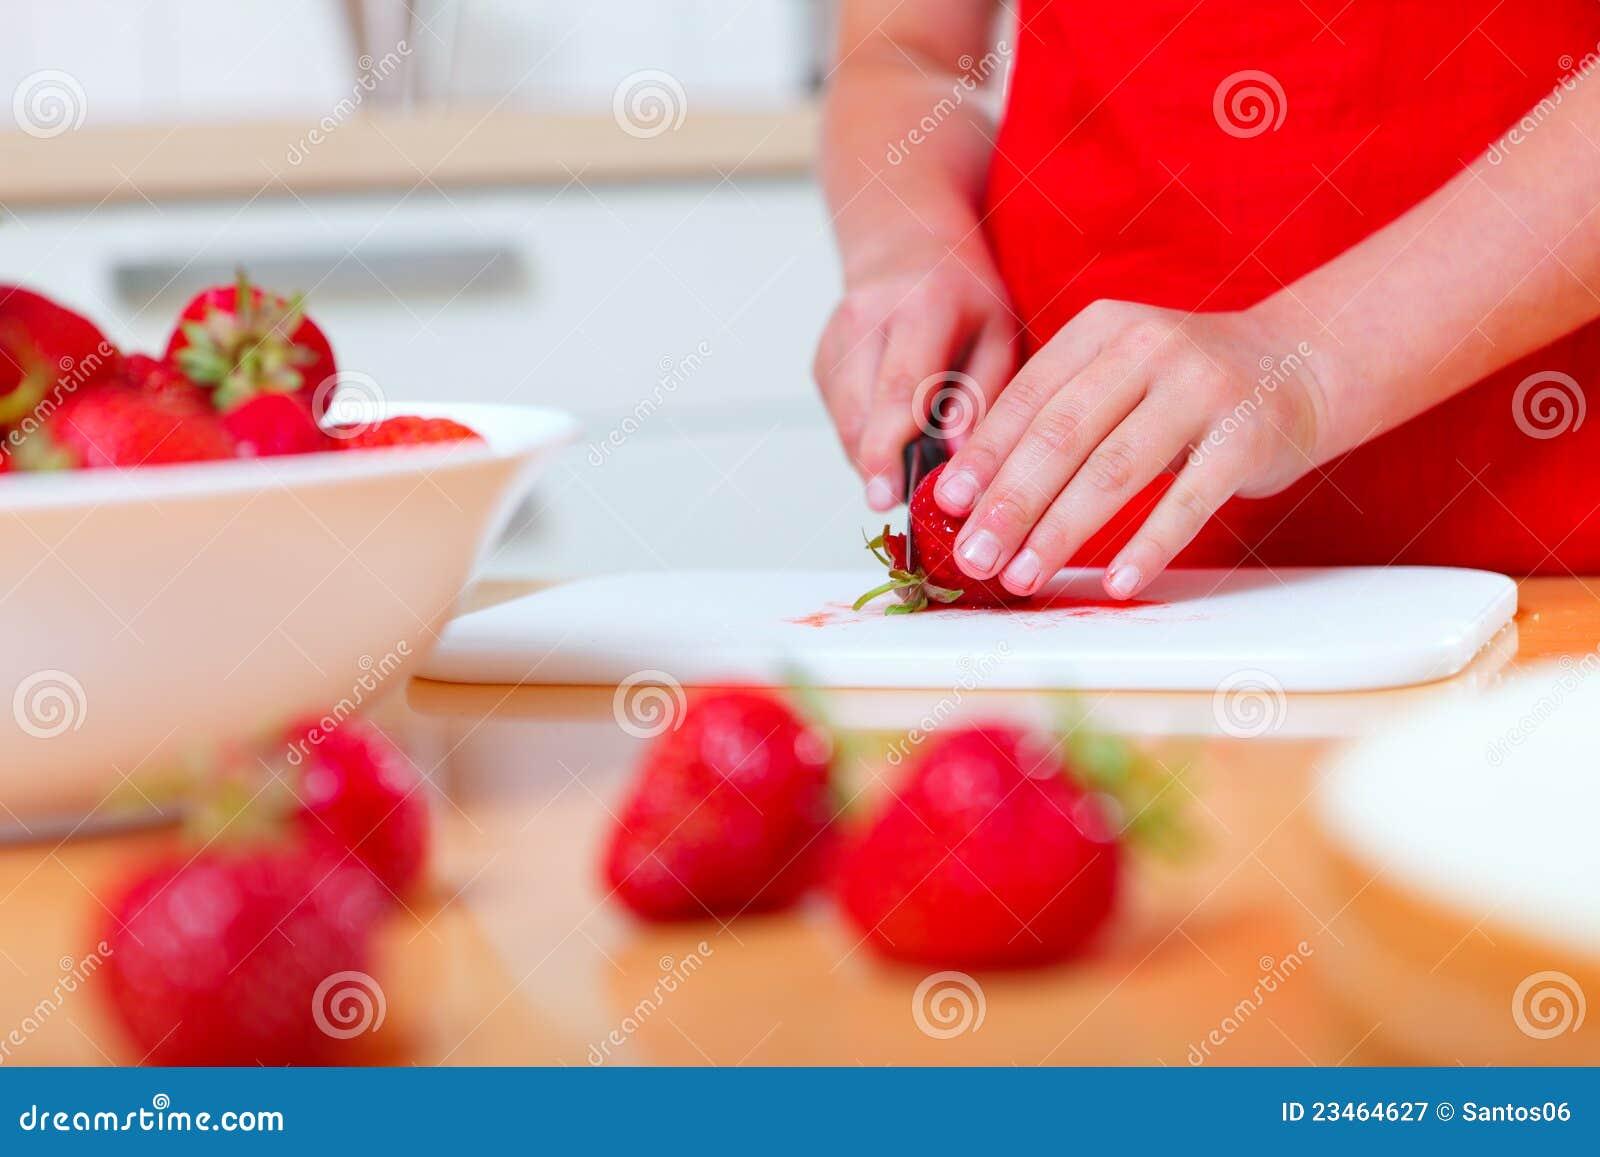 Preparando o alimento